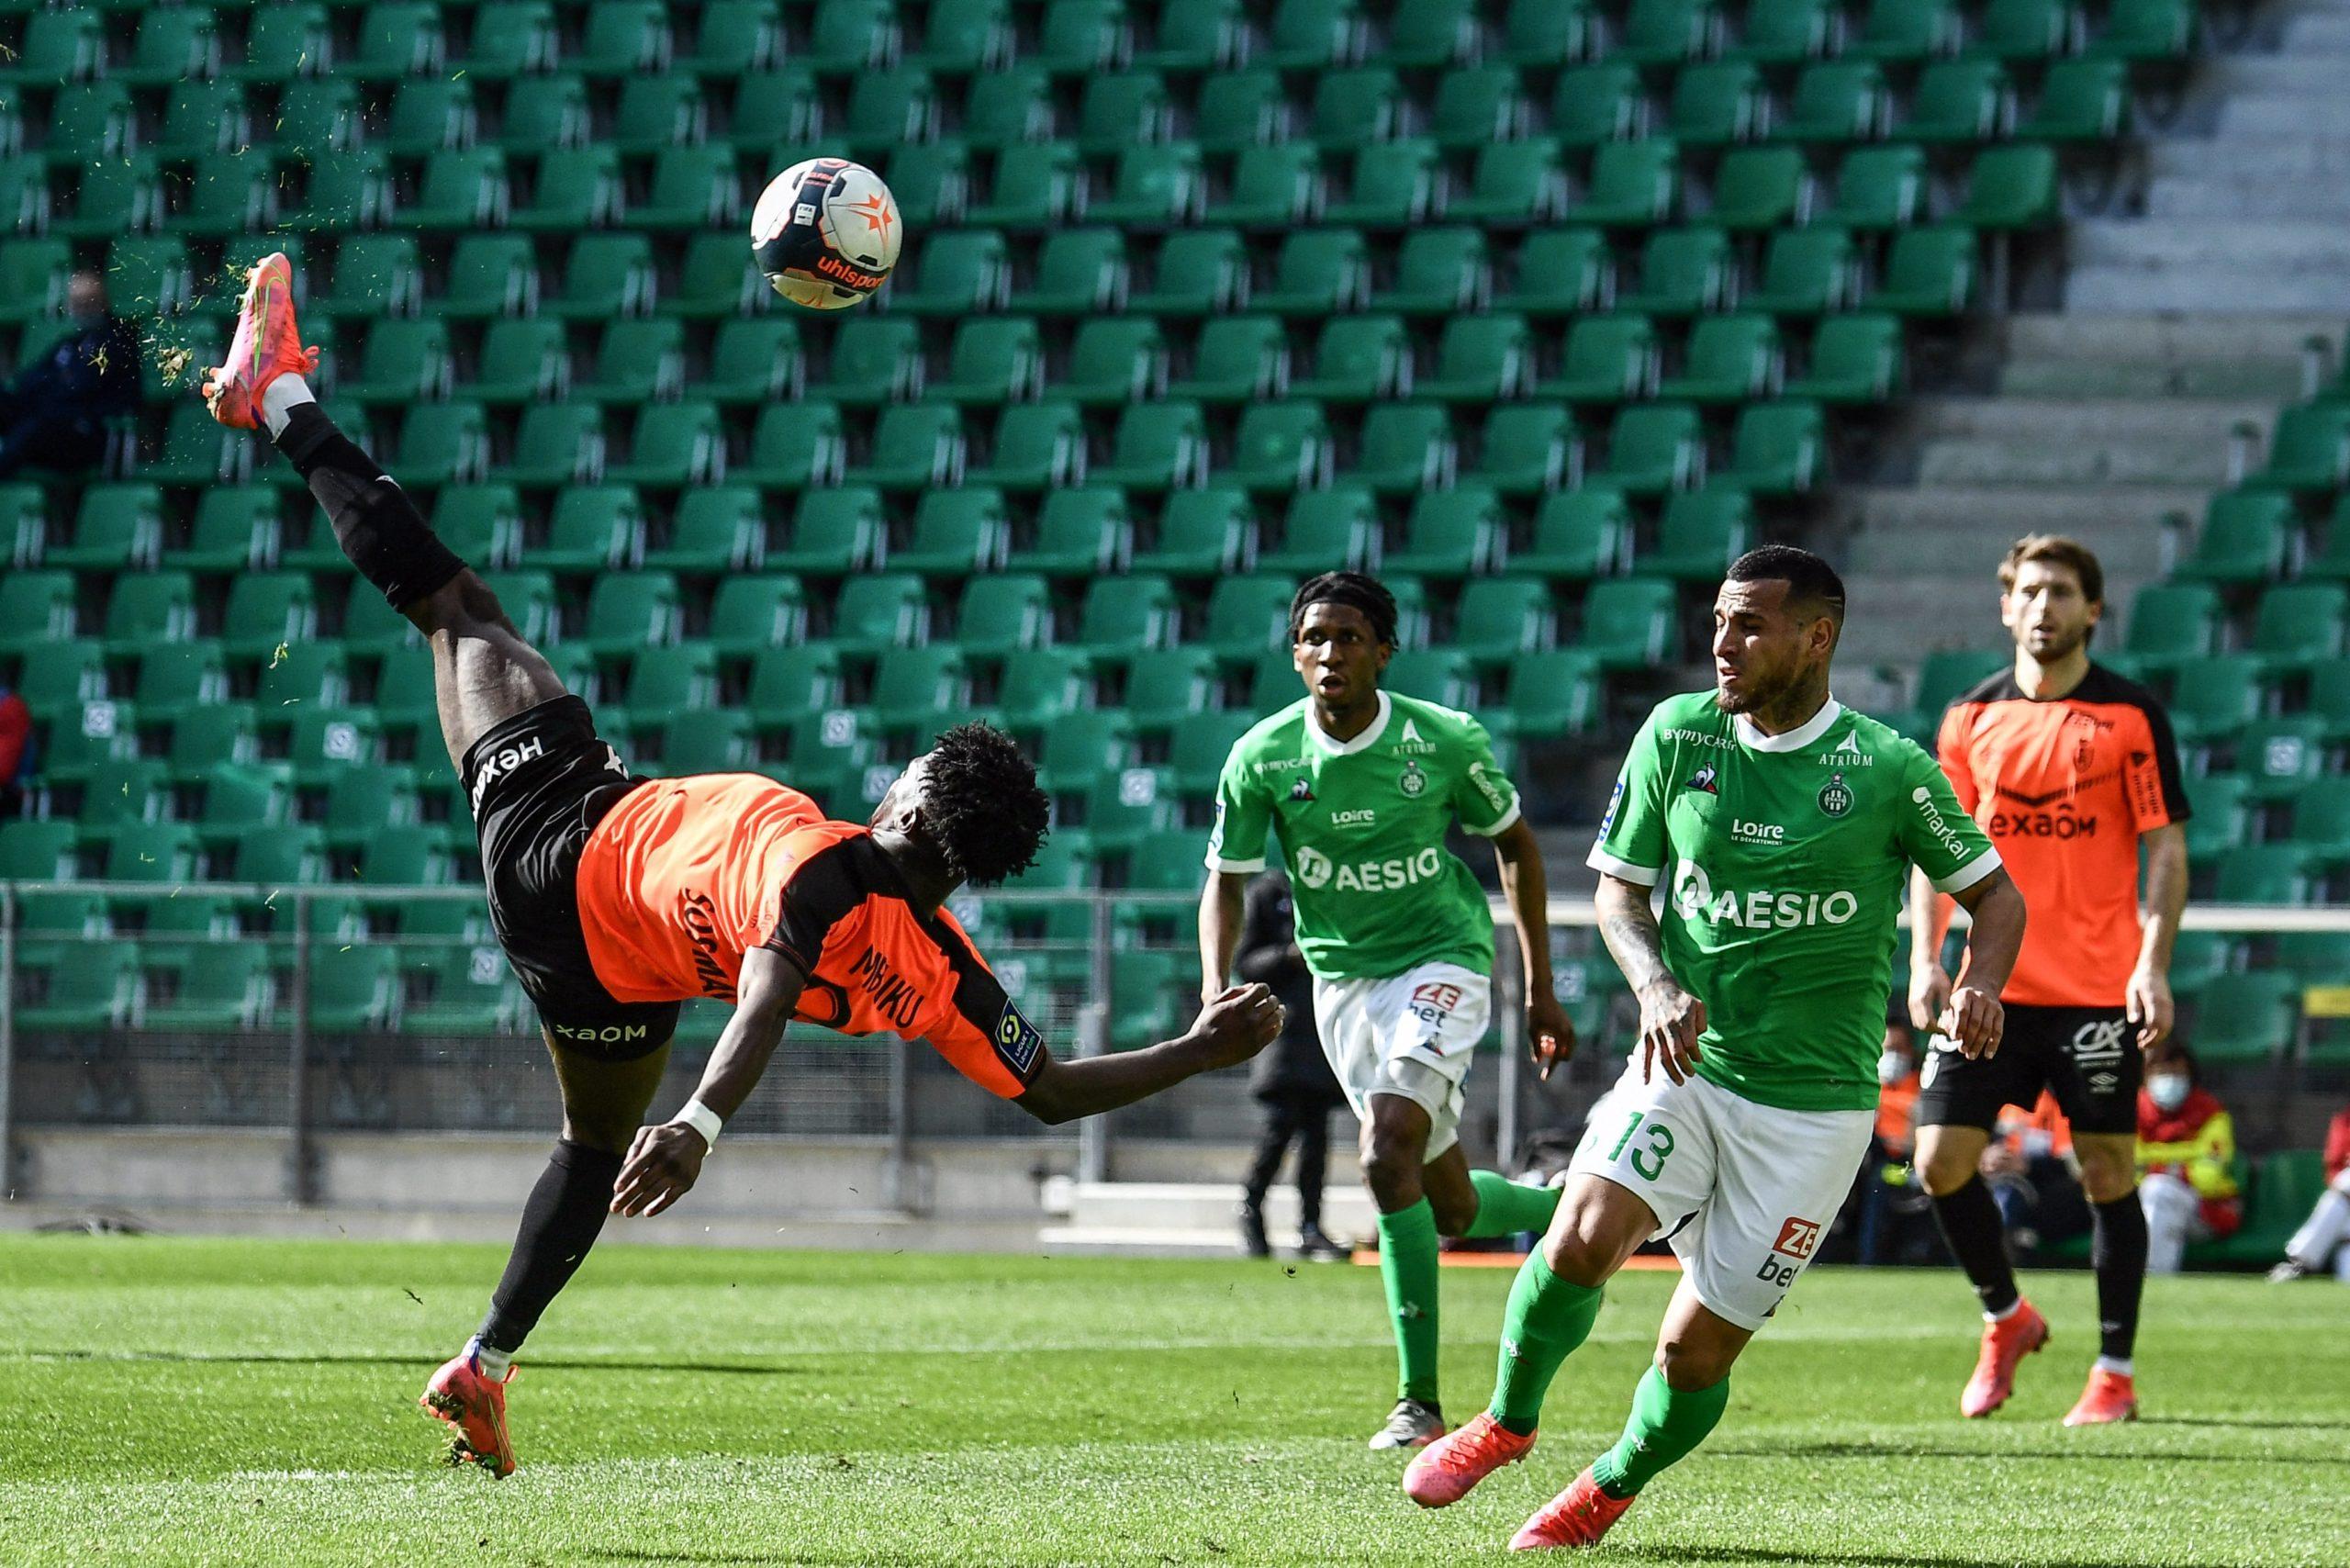 Ligue 1 - 26ème j. | Les notes de ASSE - Stade De Reims (1-1) 1